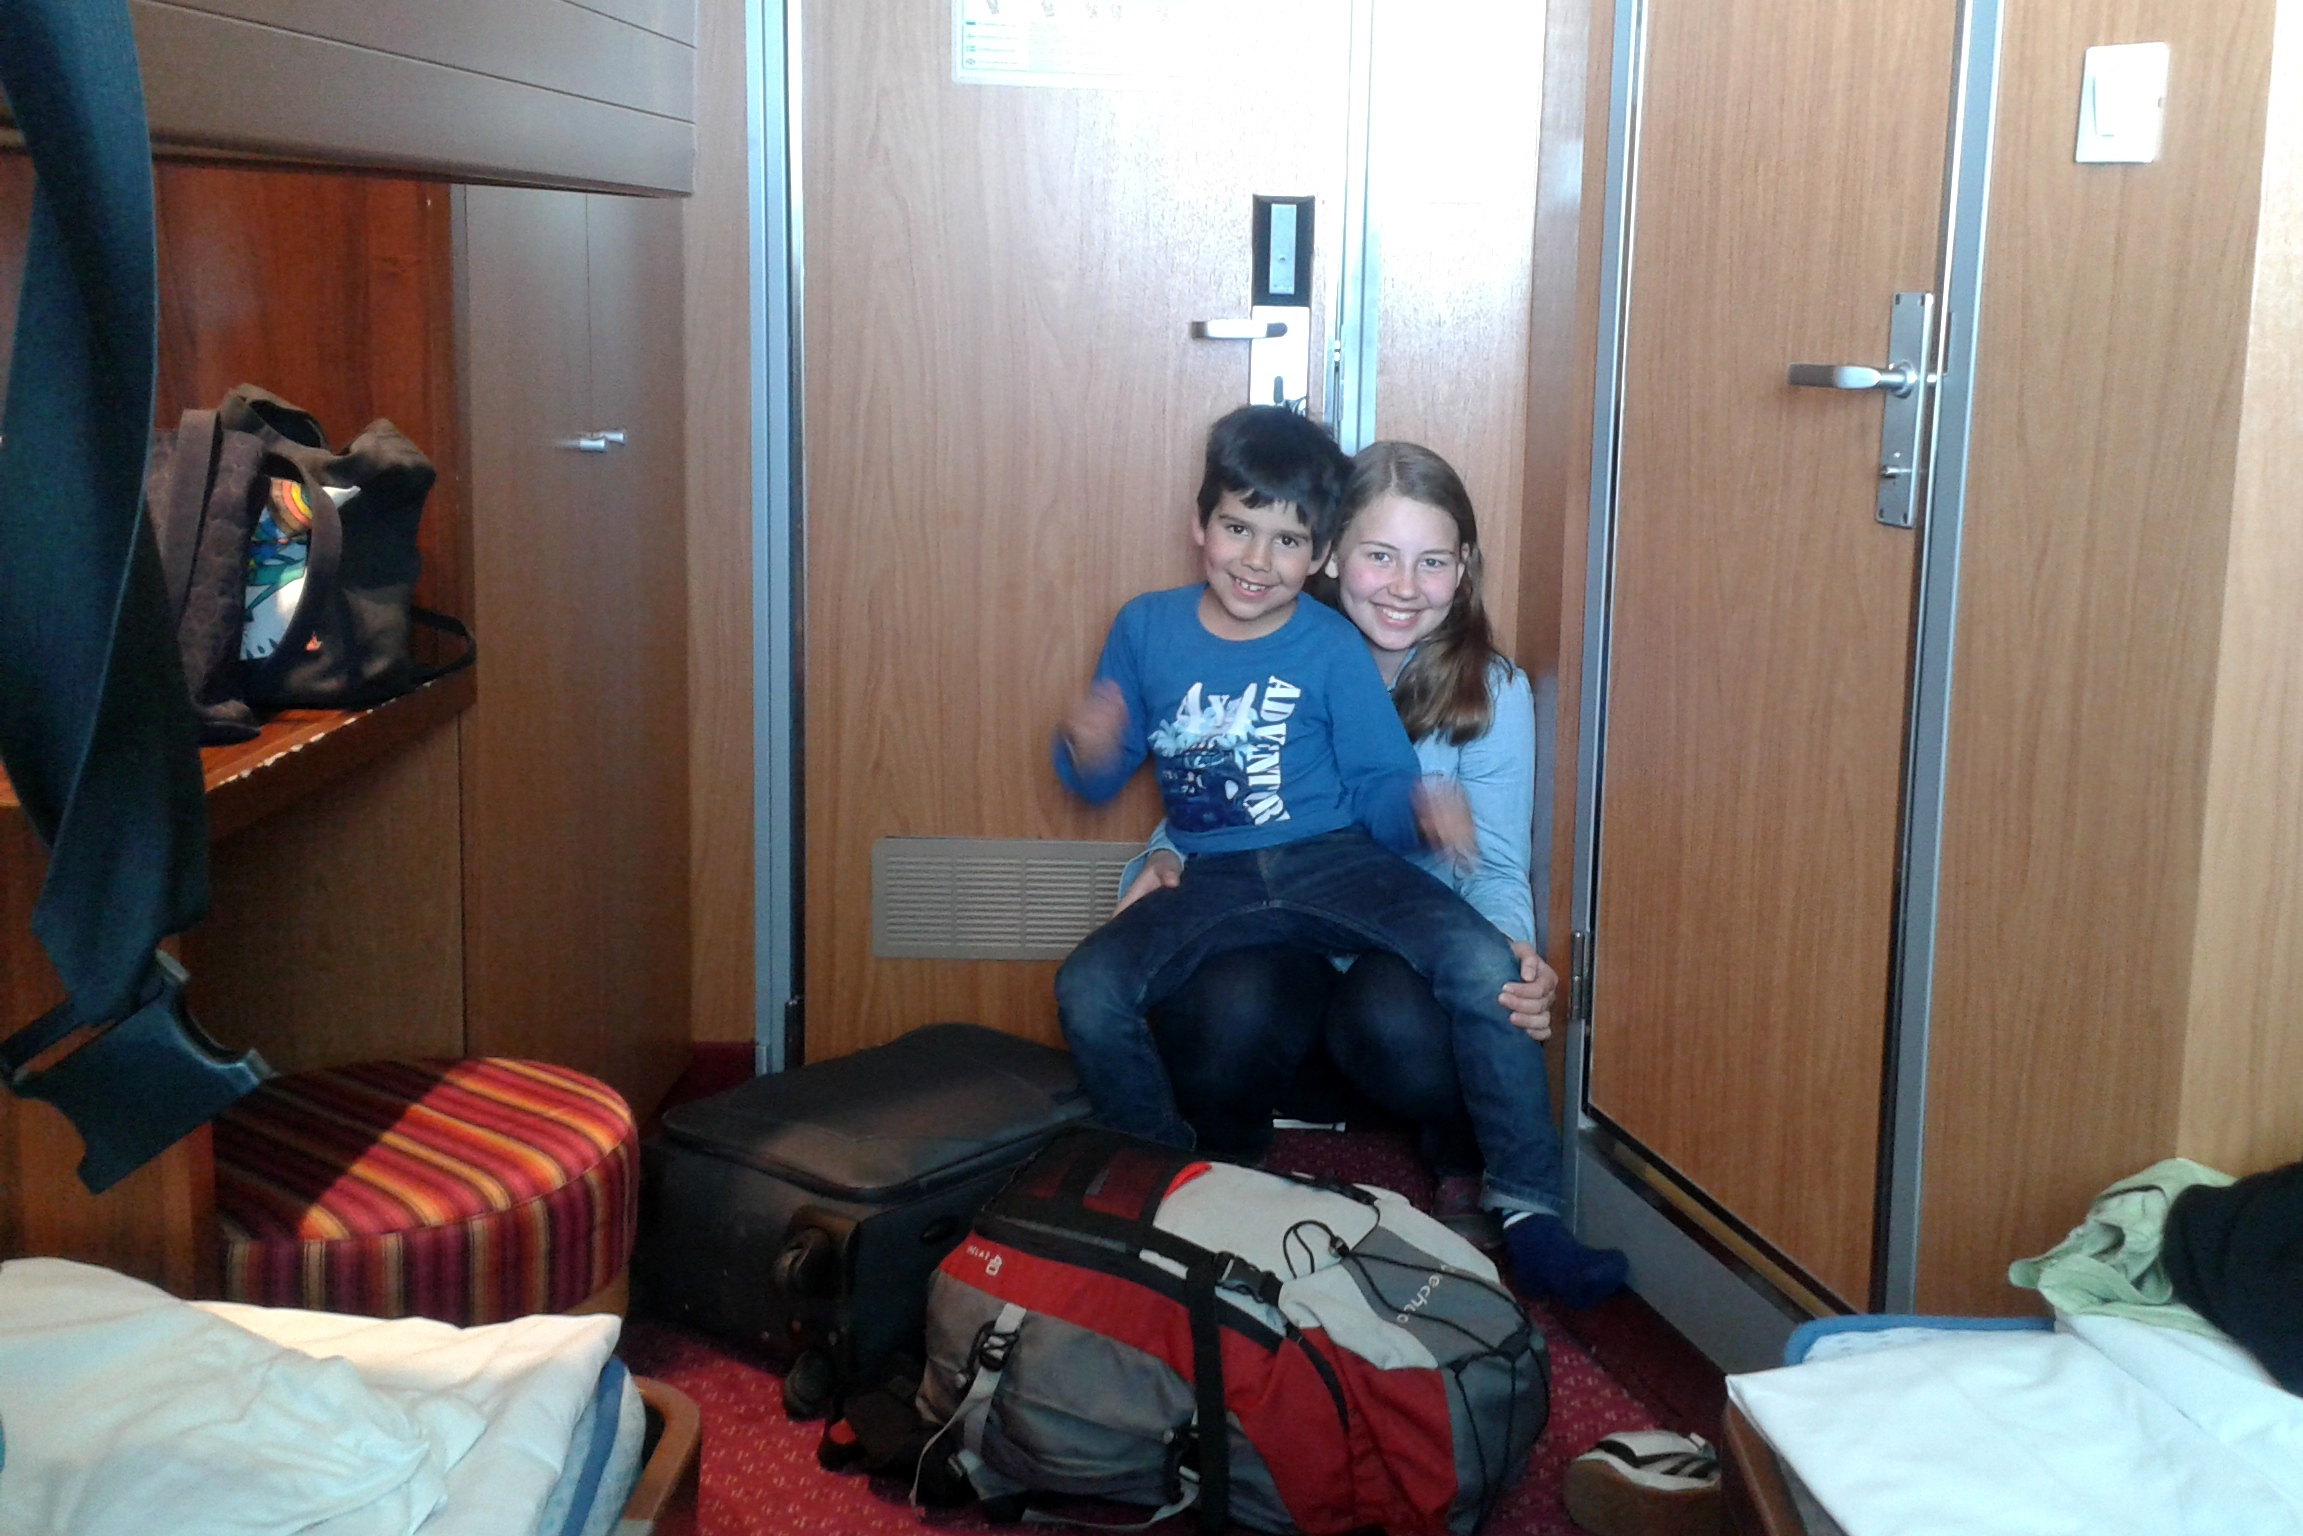 Laivalla Tallinnaan. Myös paluumatkalla meillä oli hytti, jota emme ehtineet kovin kauaa käyttää.